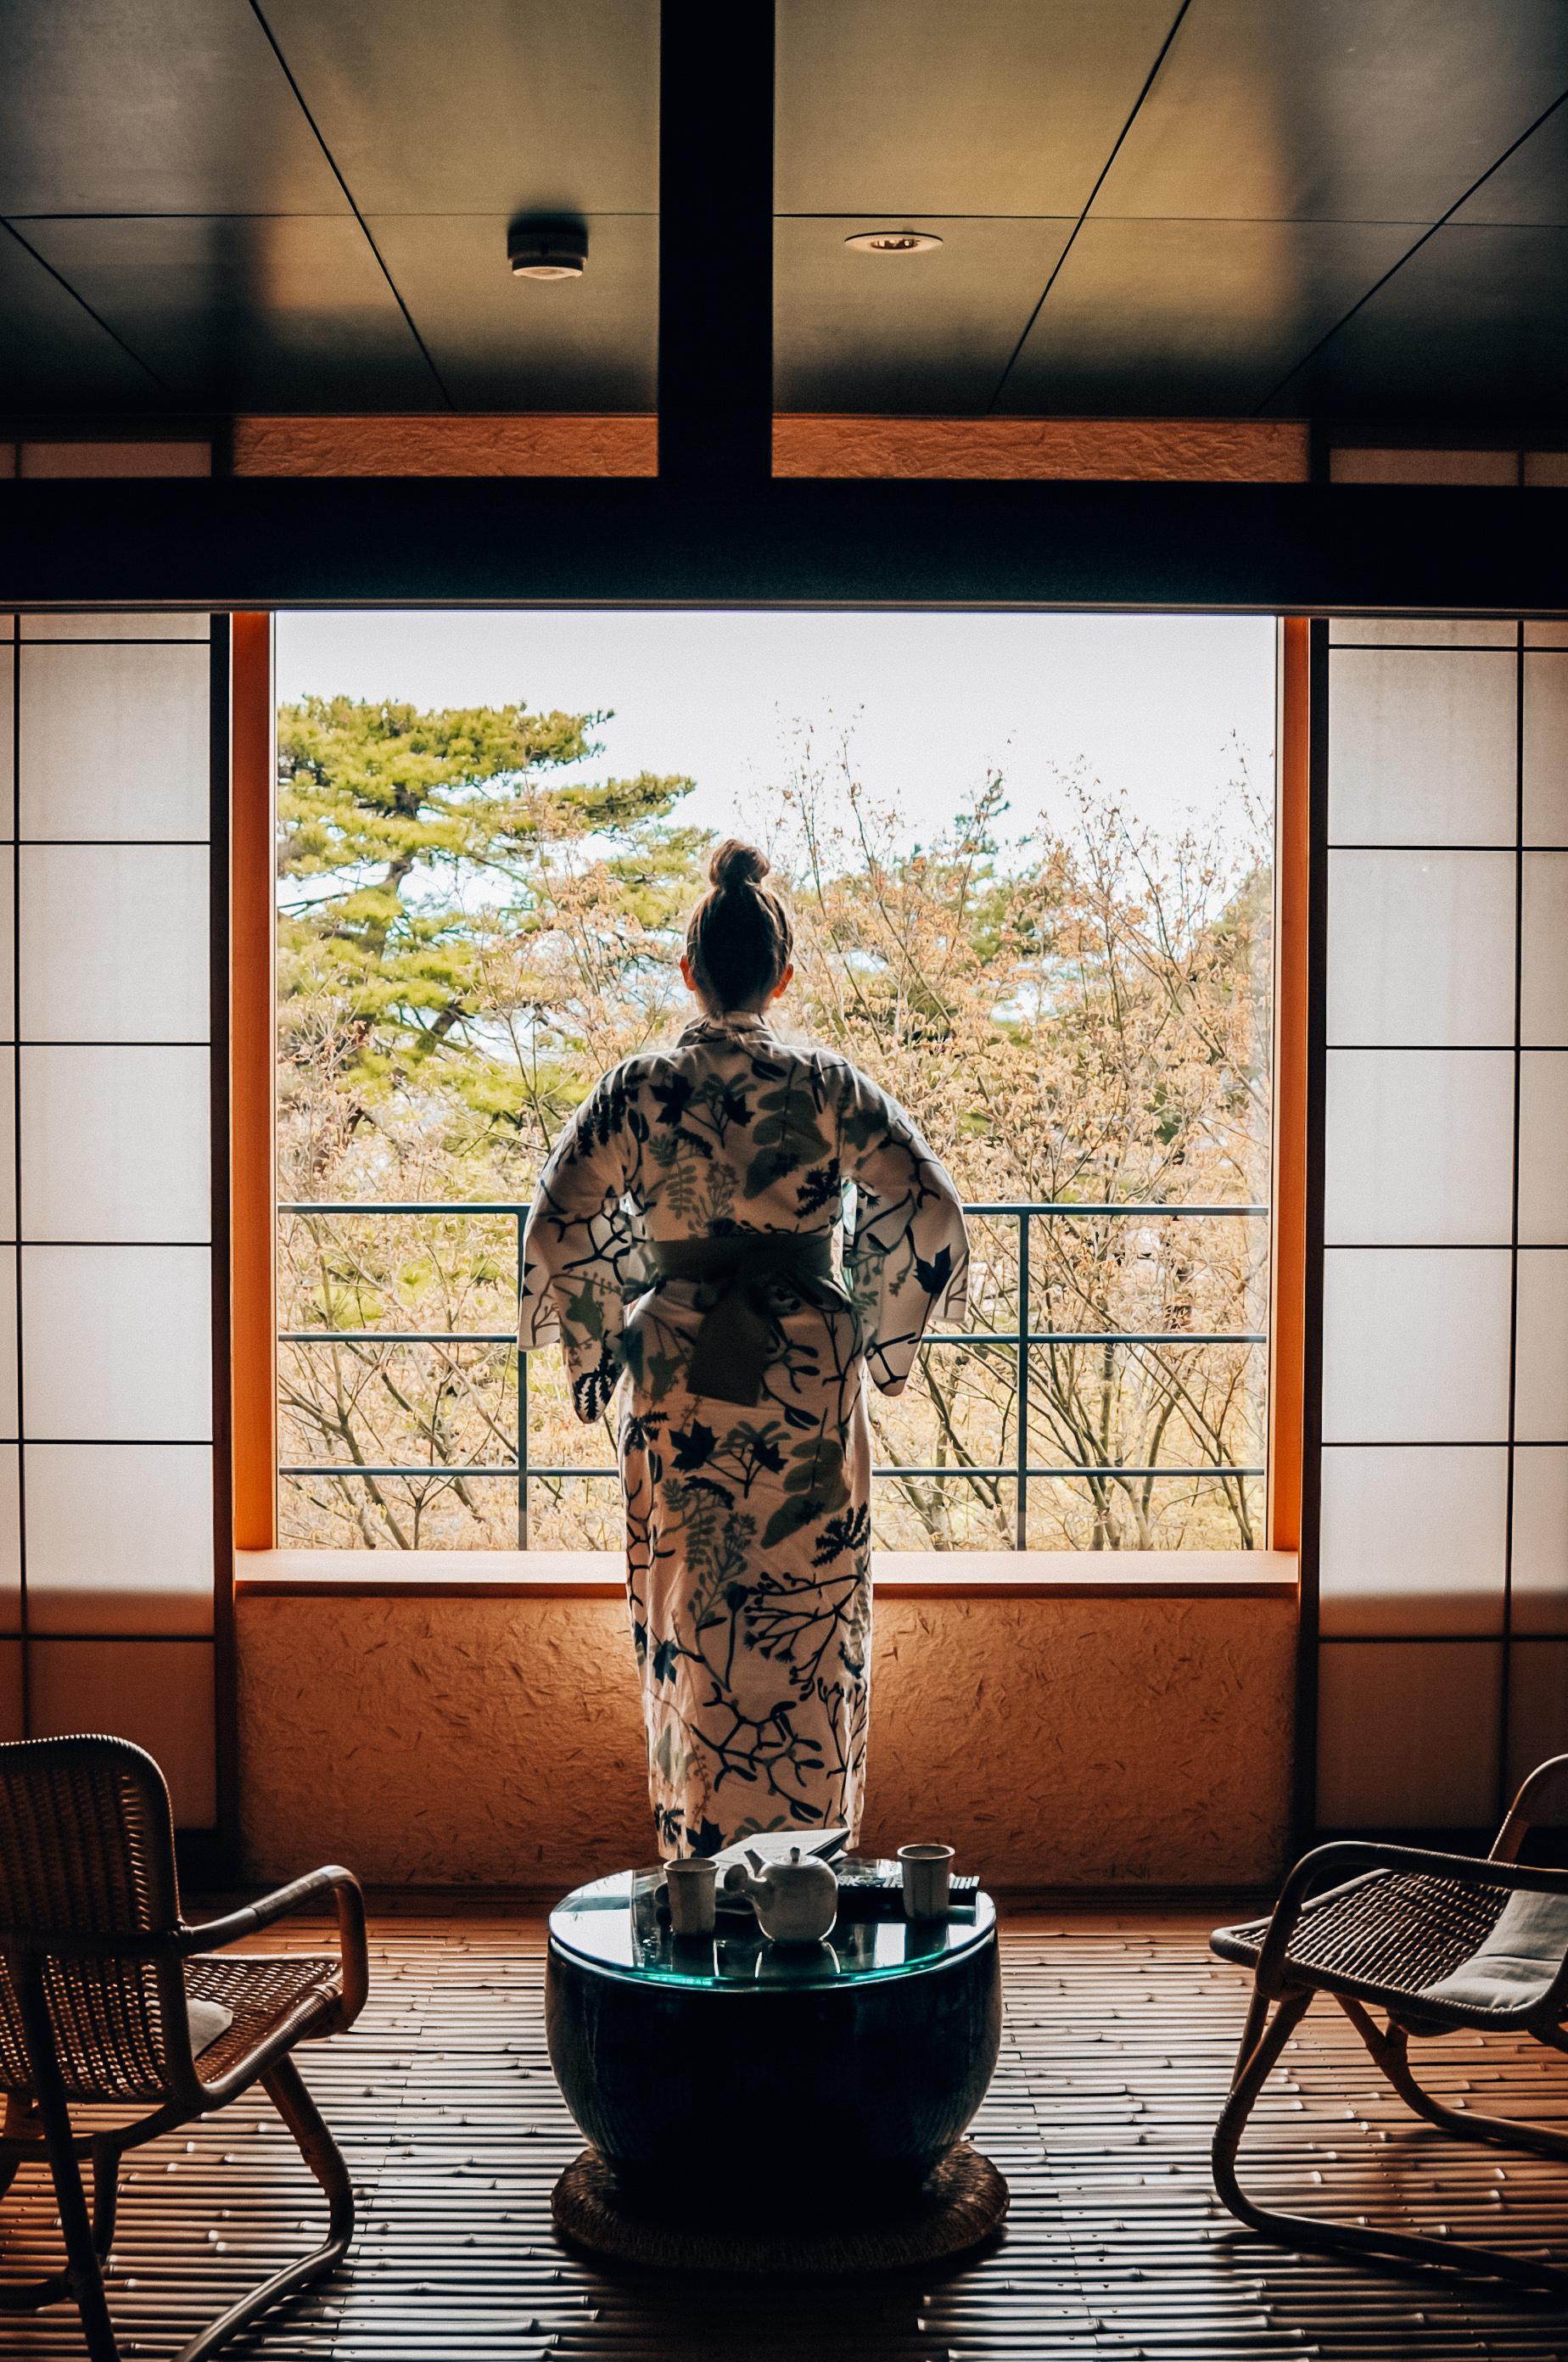 Hotel z onsenami (Kaga Onsen)